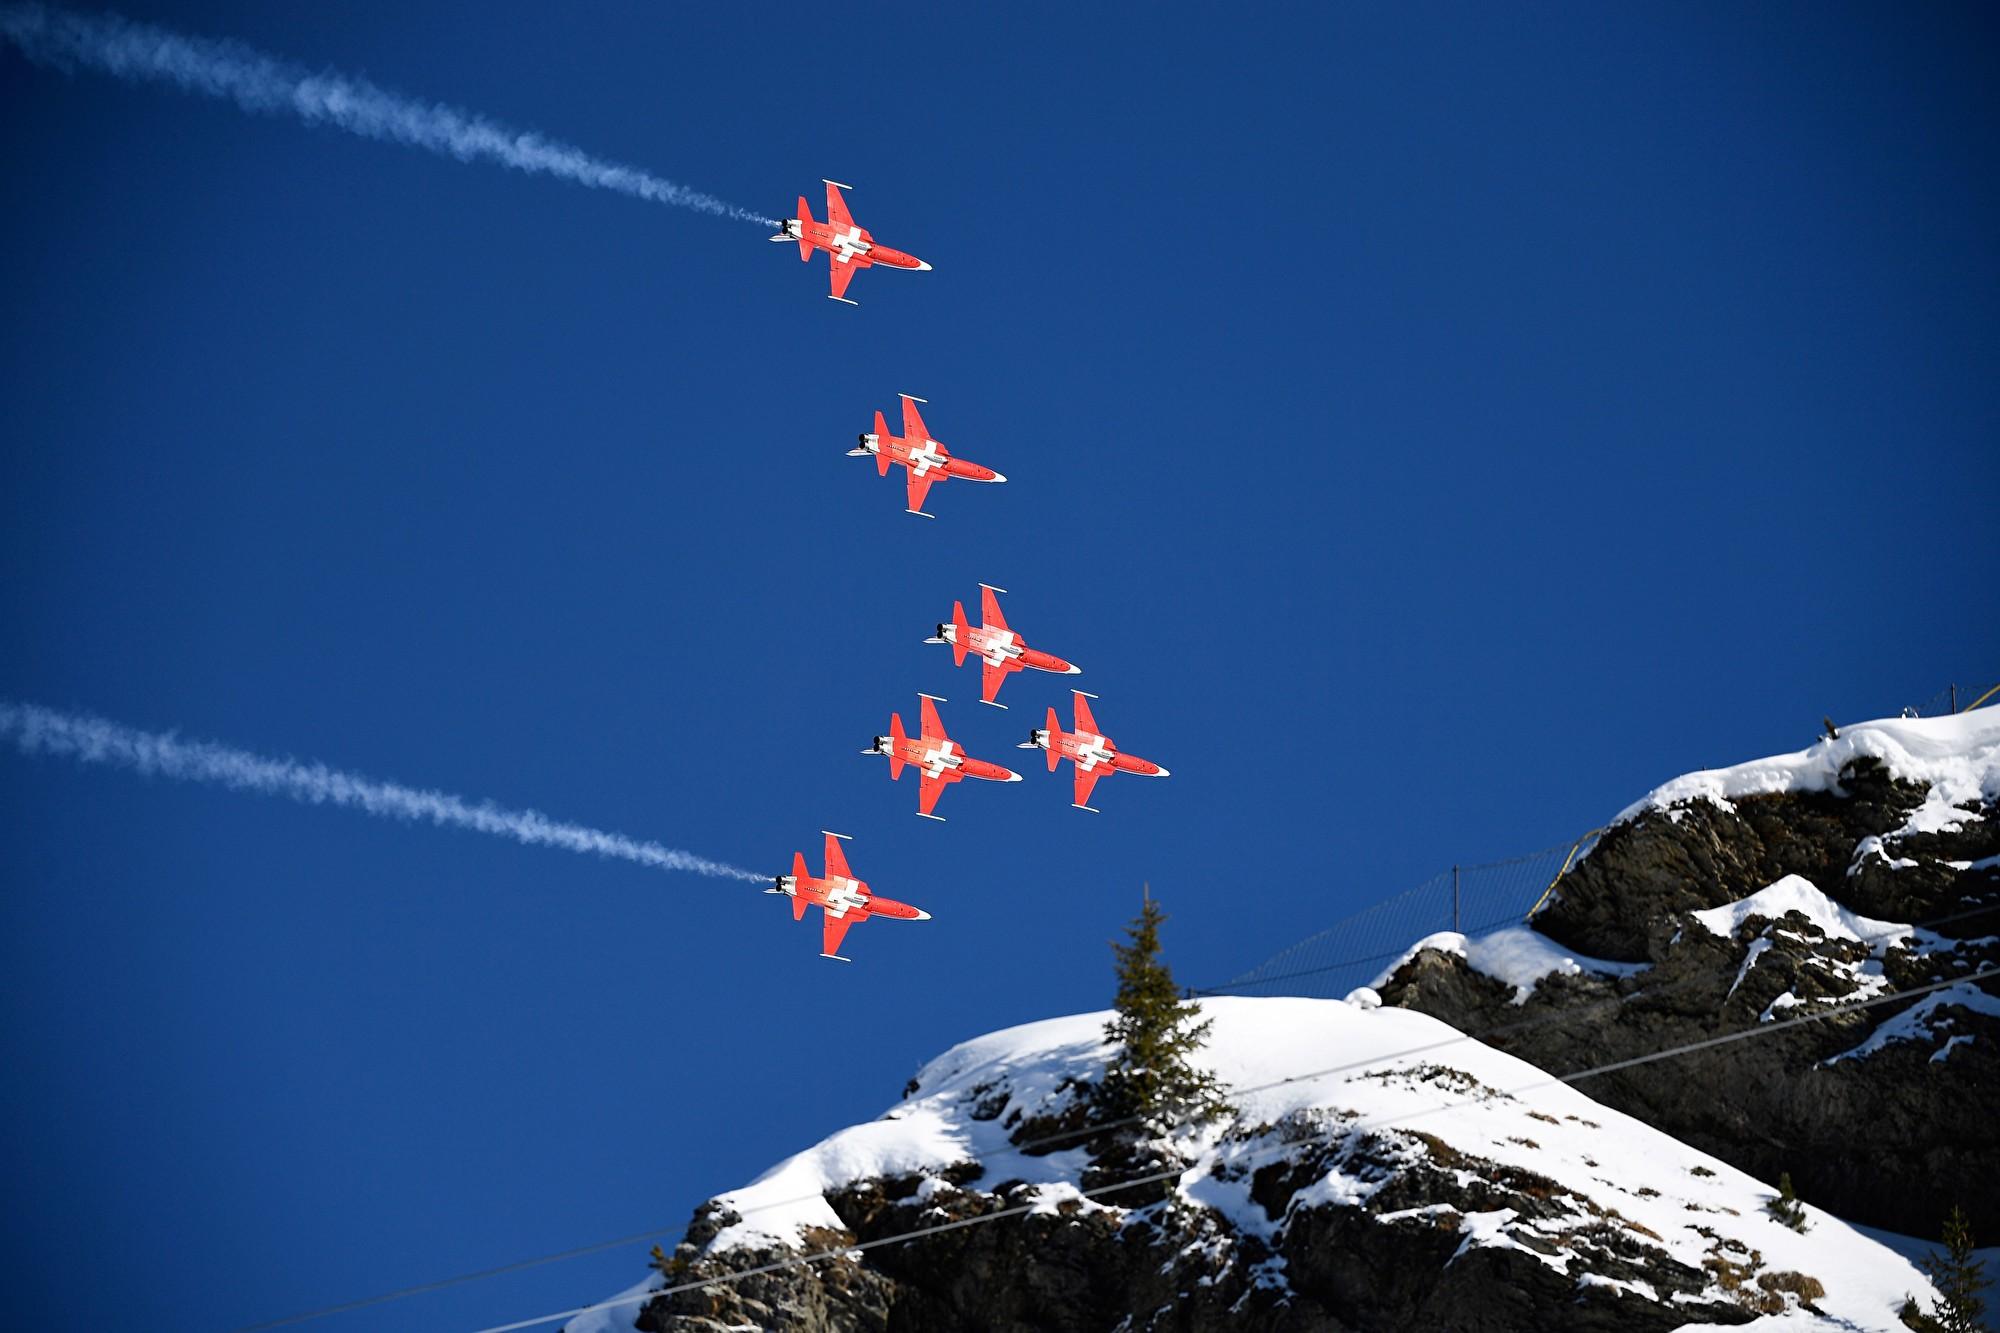 瑞士機隊鬧笑話 精彩飛行表演送錯對像